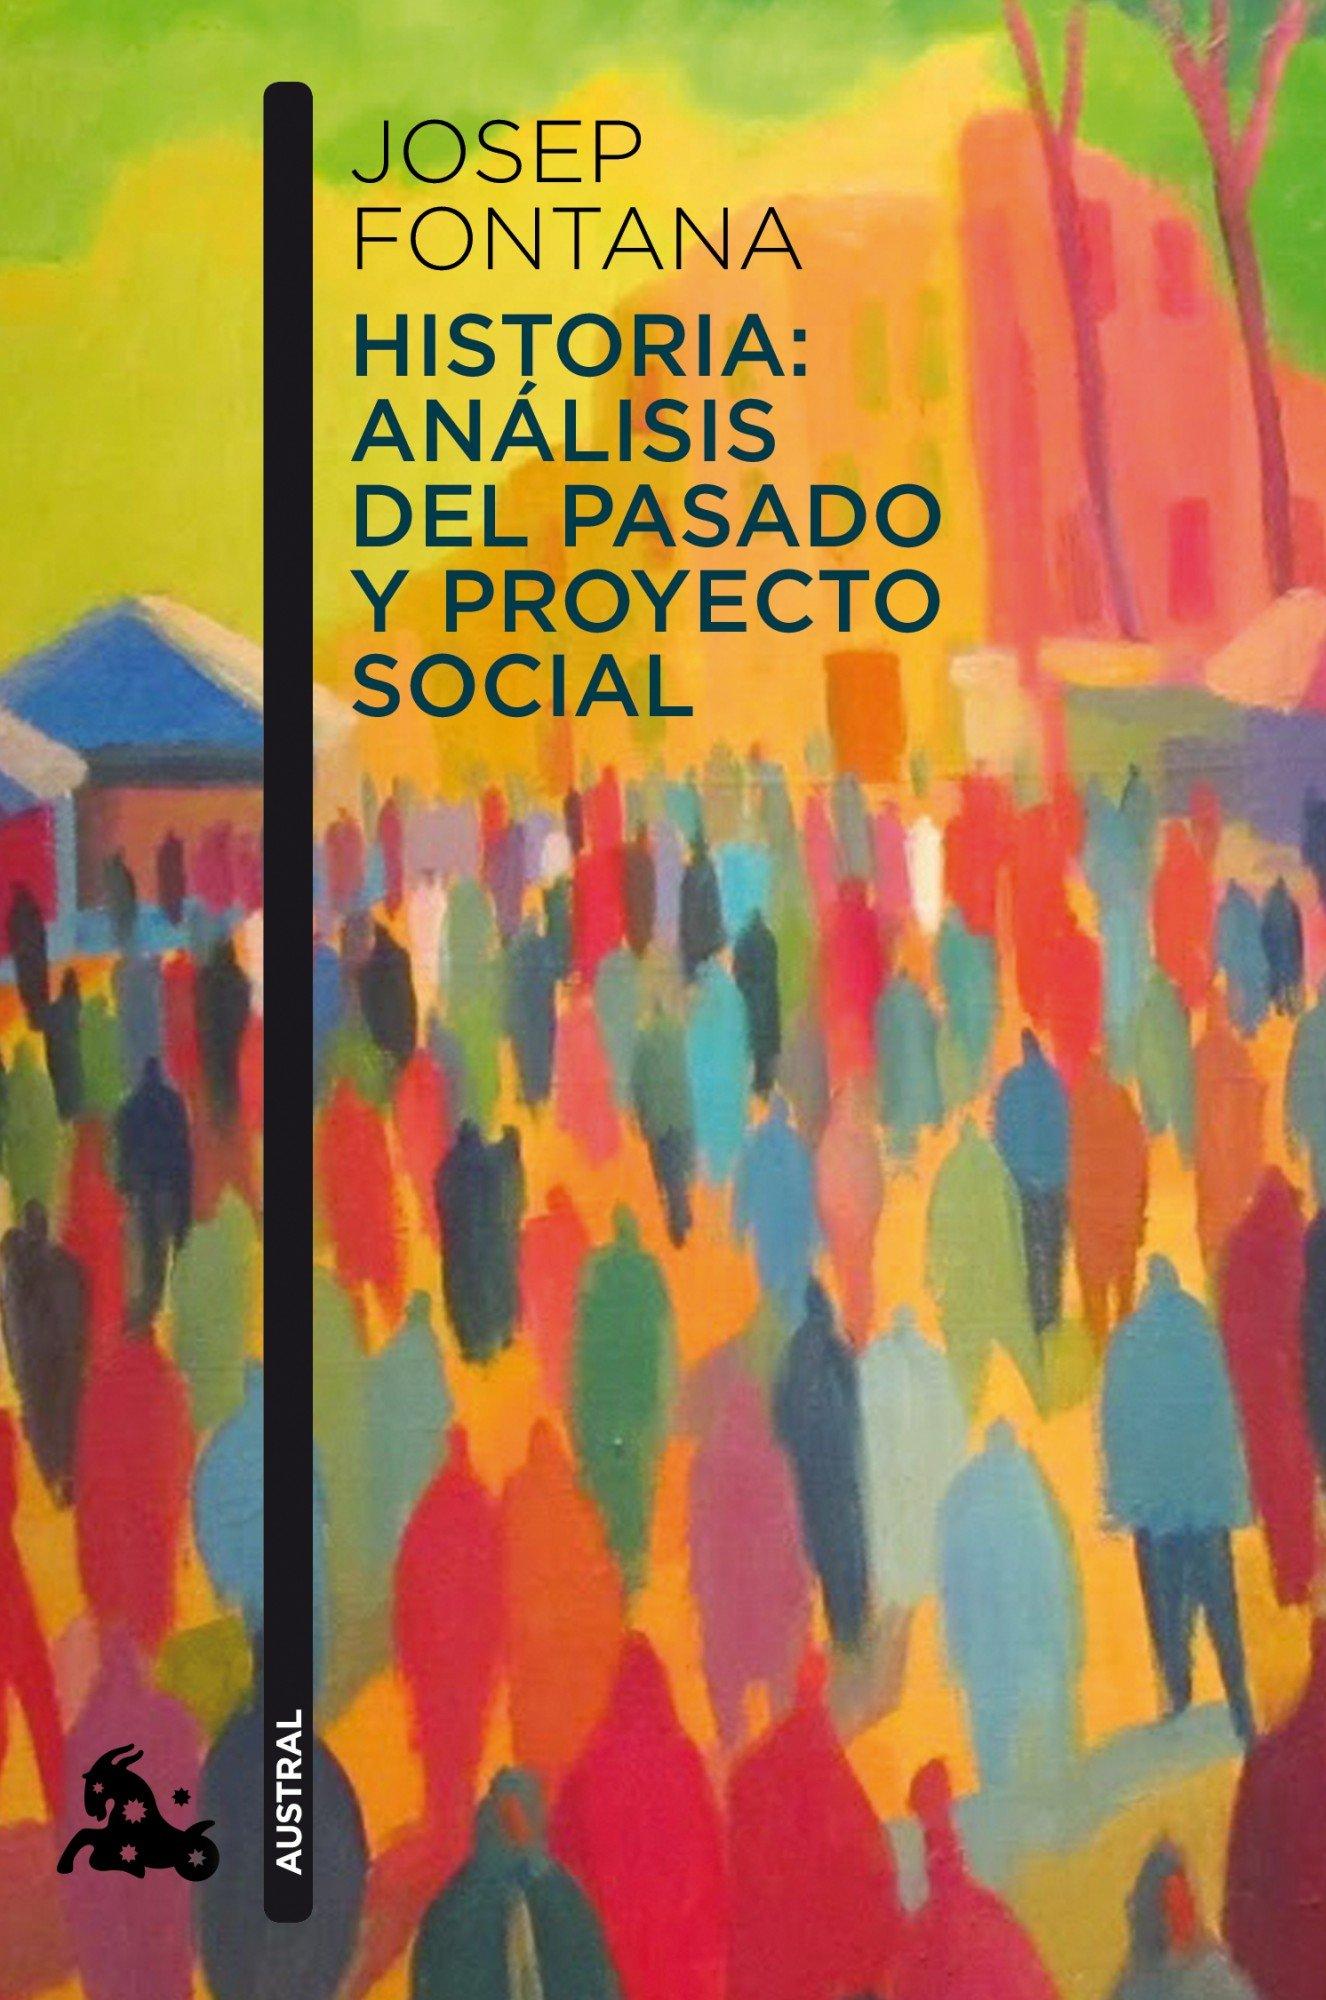 Historia: análisis del pasado y proyecto social Contemporánea: Amazon.es: Fontana, Josep: Libros